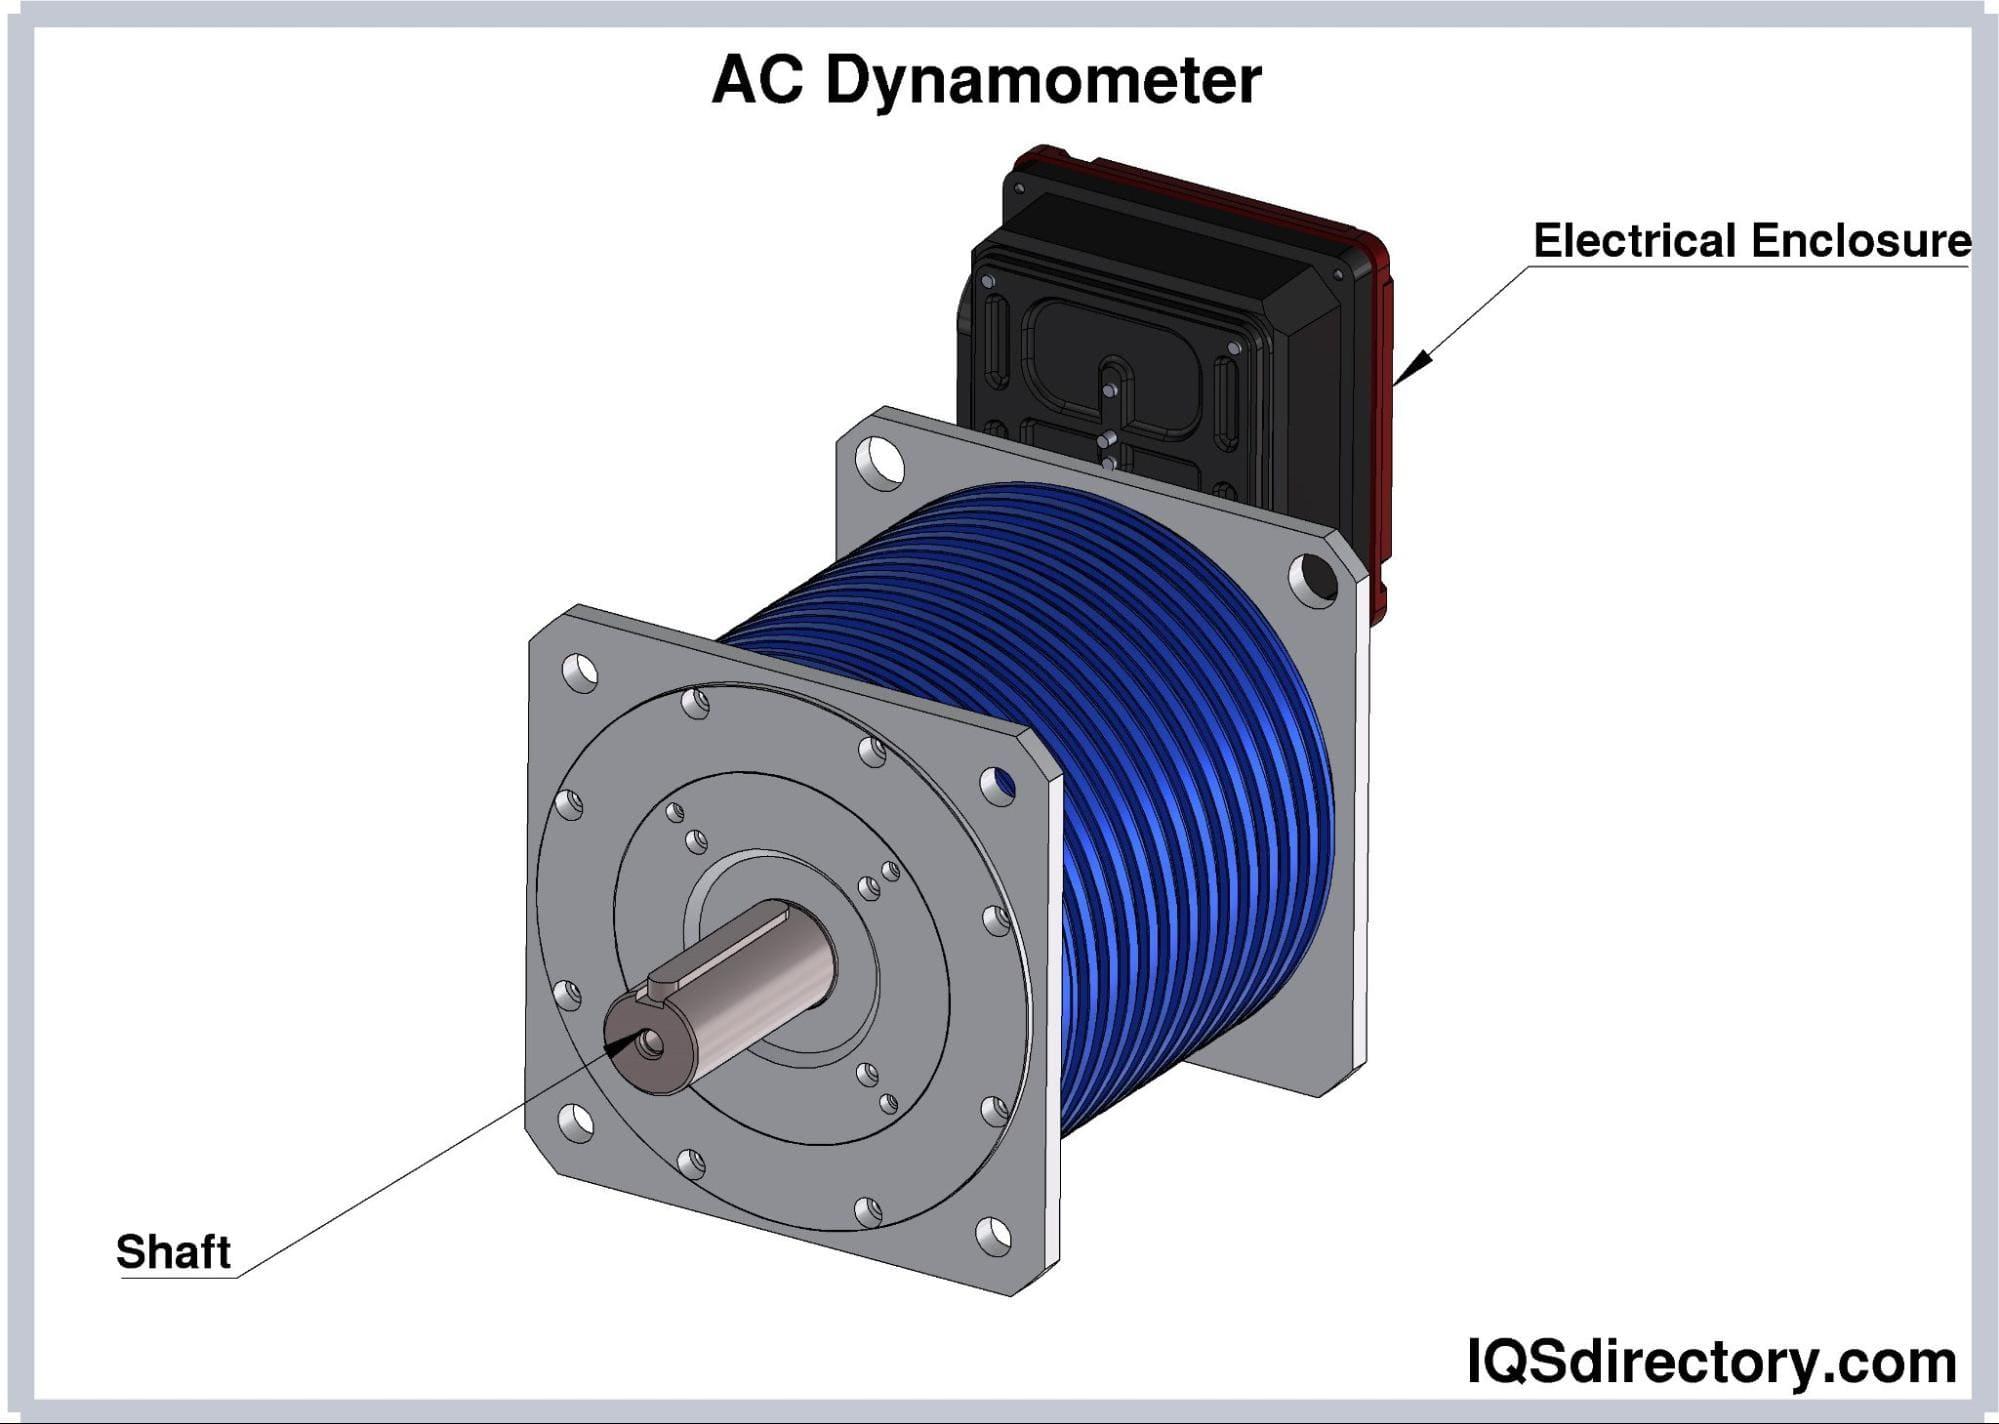 AC Dynamometer